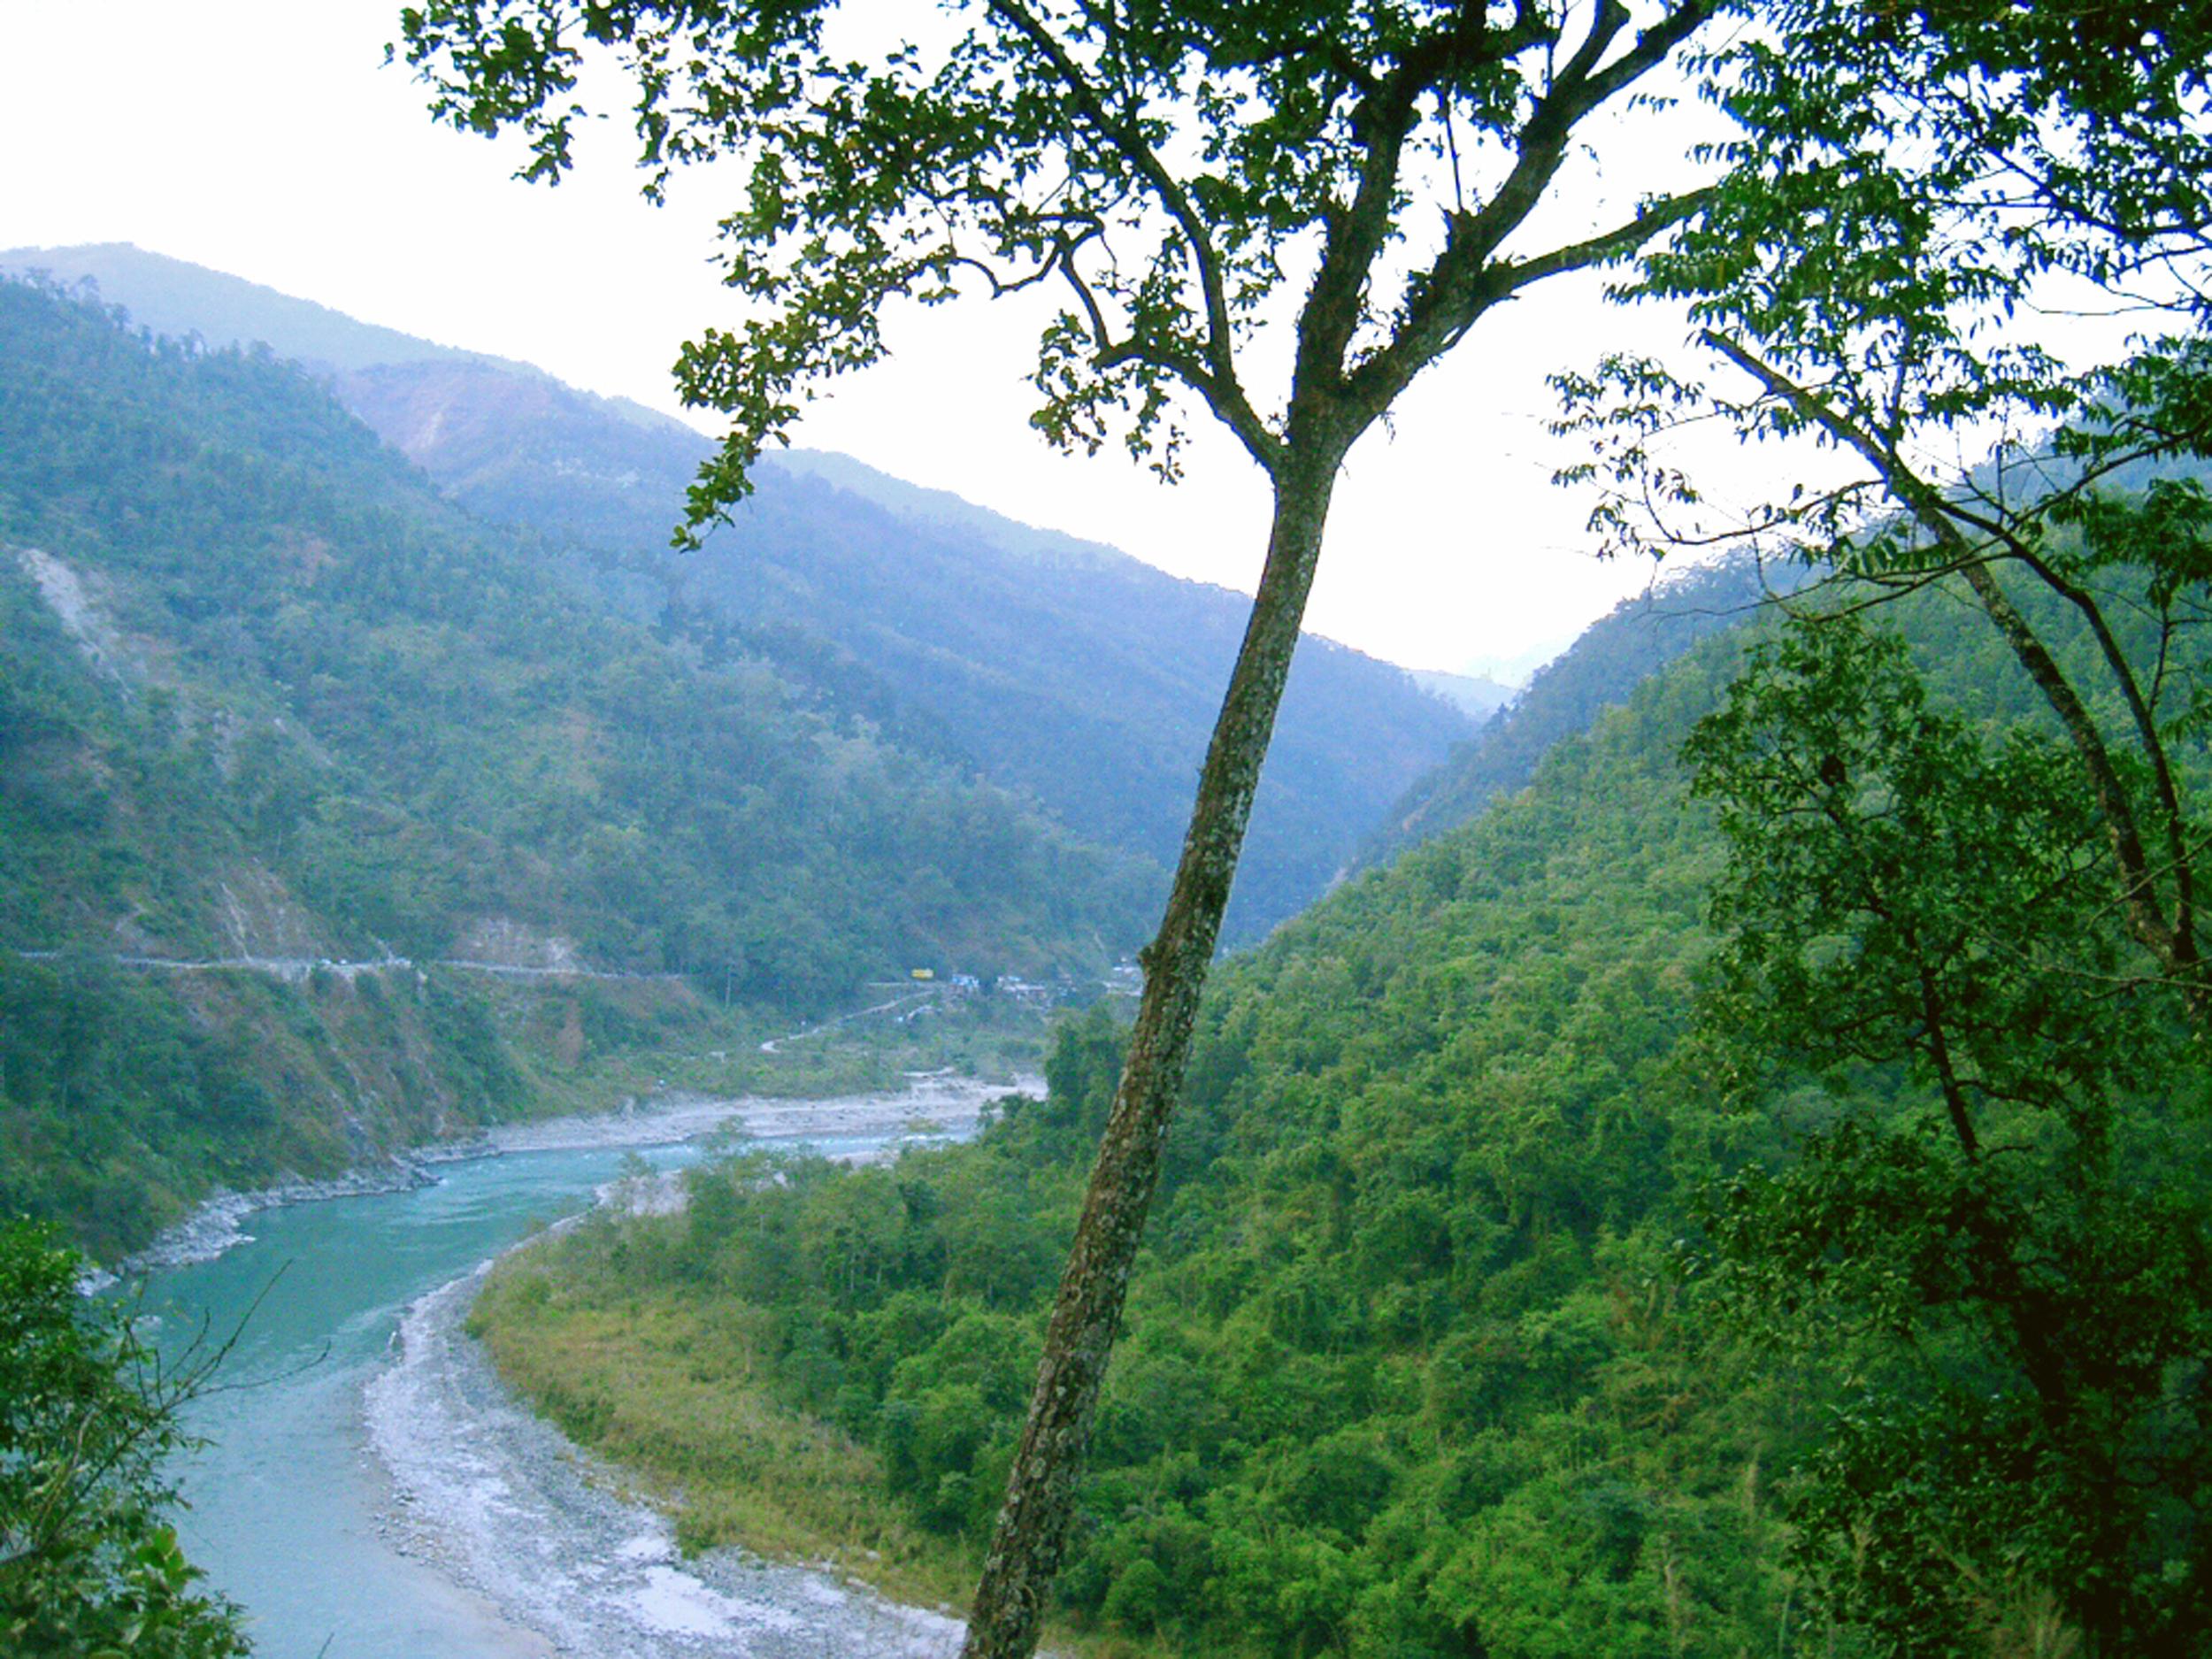 हिमालयी क्षेत्रों में हरी-भरी वनस्पतियां